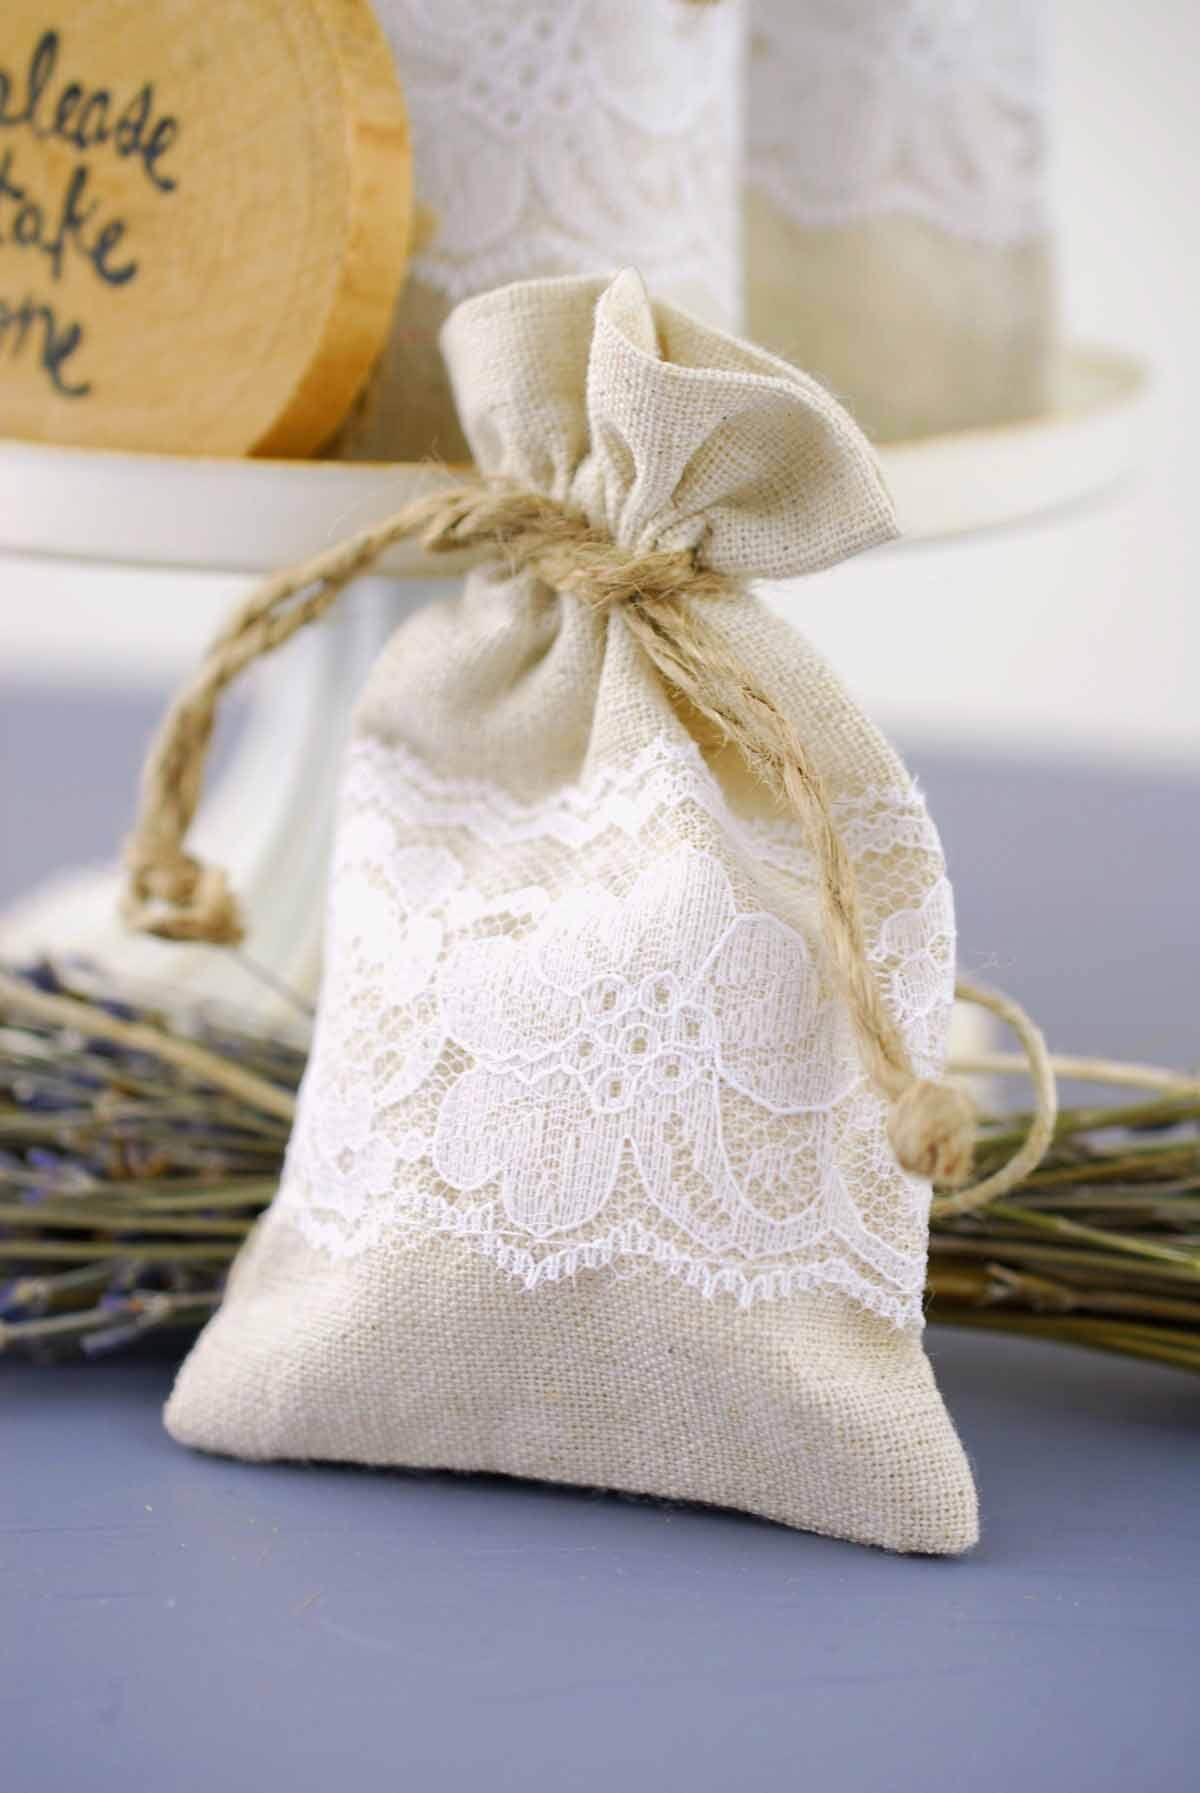 12 Linen Lace 3x5 Wedding Favor Bags